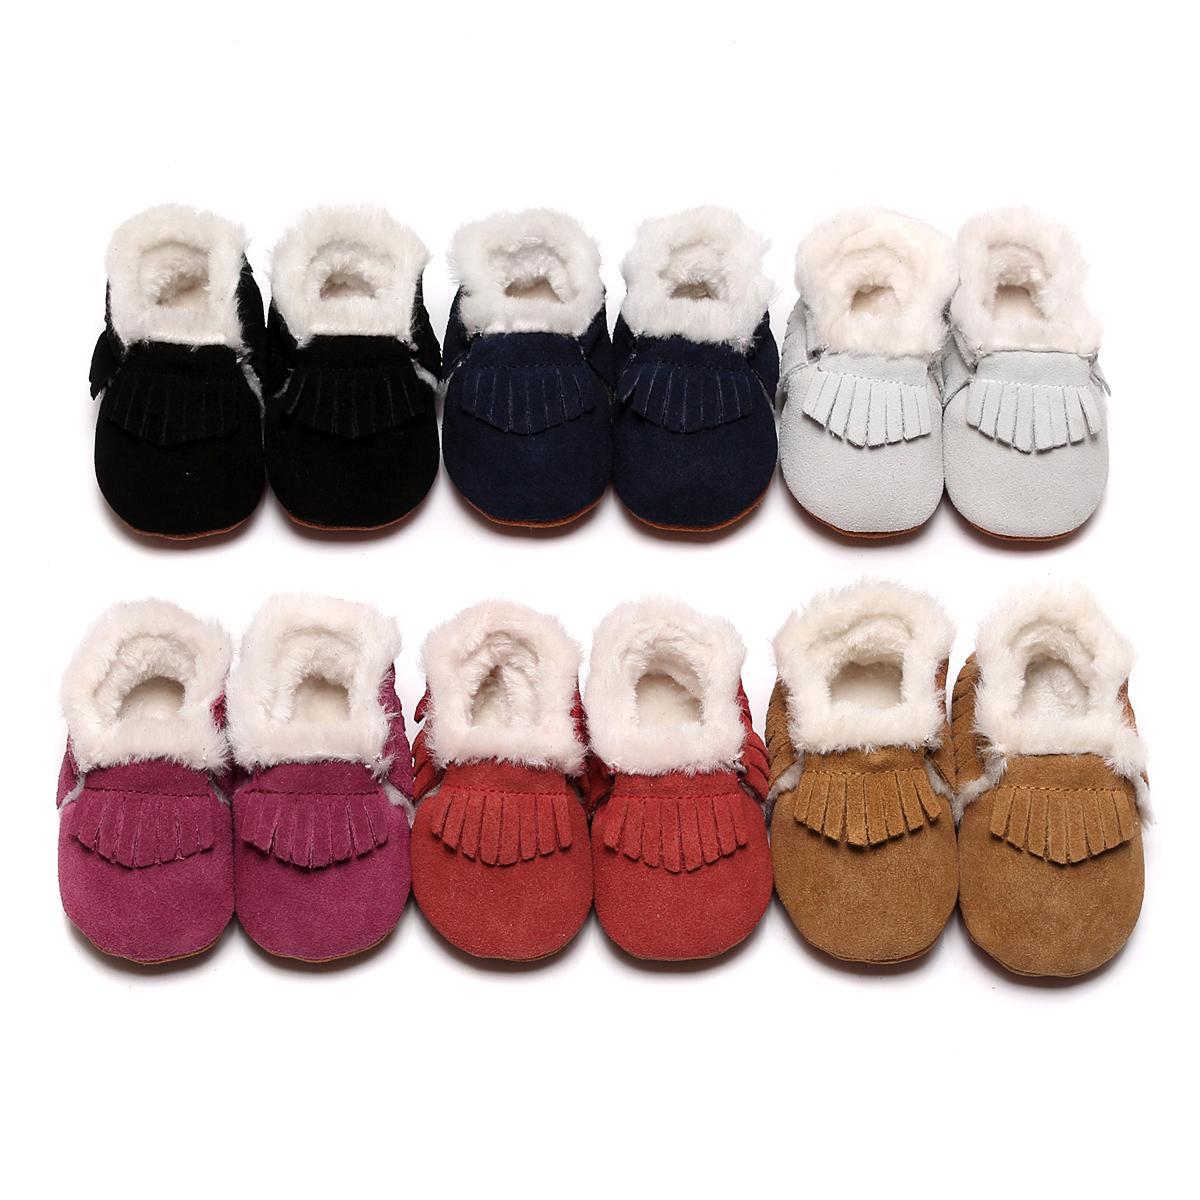 2018 Ile yeni Bebek Moccasins Çizmeler Kürk Polar Astarlı sert Kauçuk Tabanlar alt Sıcak Kar Botları Kış Bebek Ayakkabı Boys Ve Kızlar Için